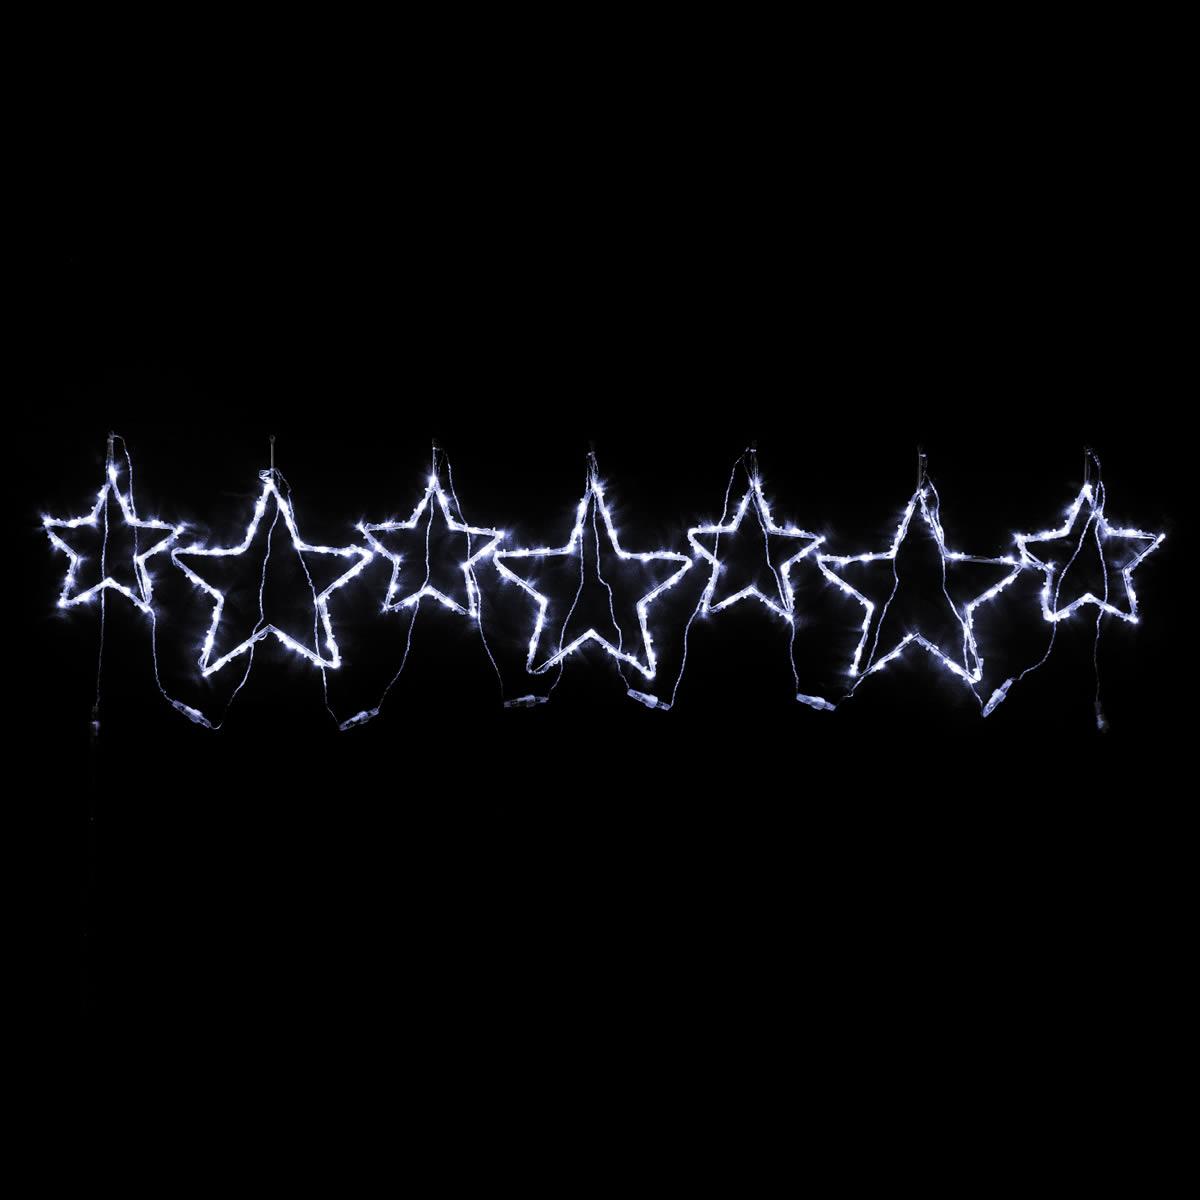 White Star Motif set of 7